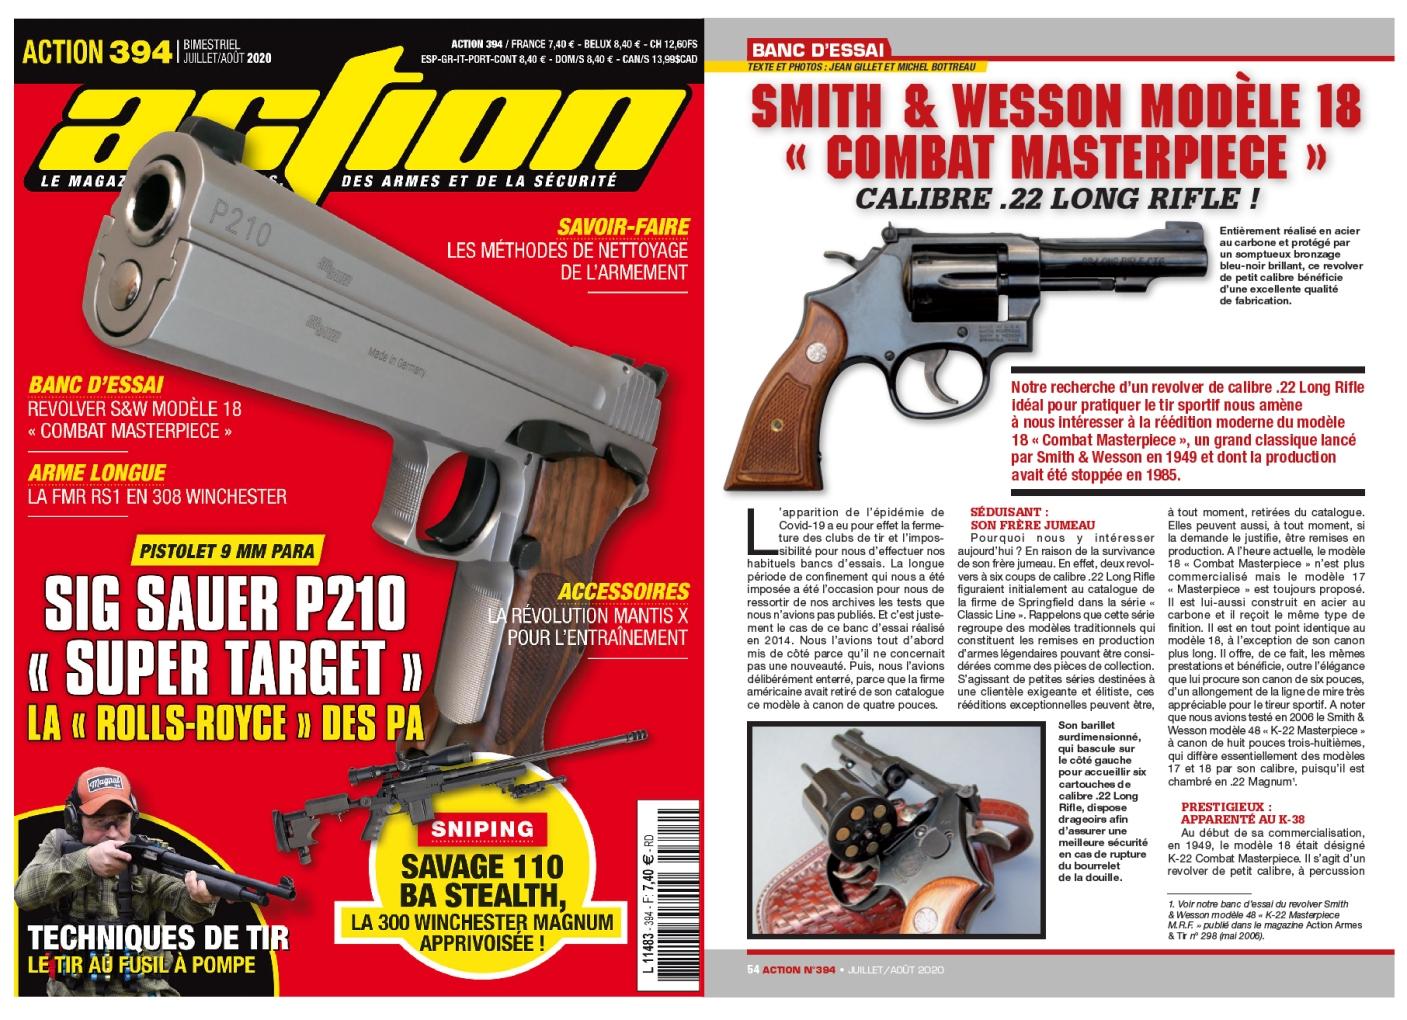 Le banc d'essai du revolver Smith & Wesson modèle 18 Combat Masterpiece a été publié sur 6 pages dans le magazine Action n°394 (juillet/août 2020).